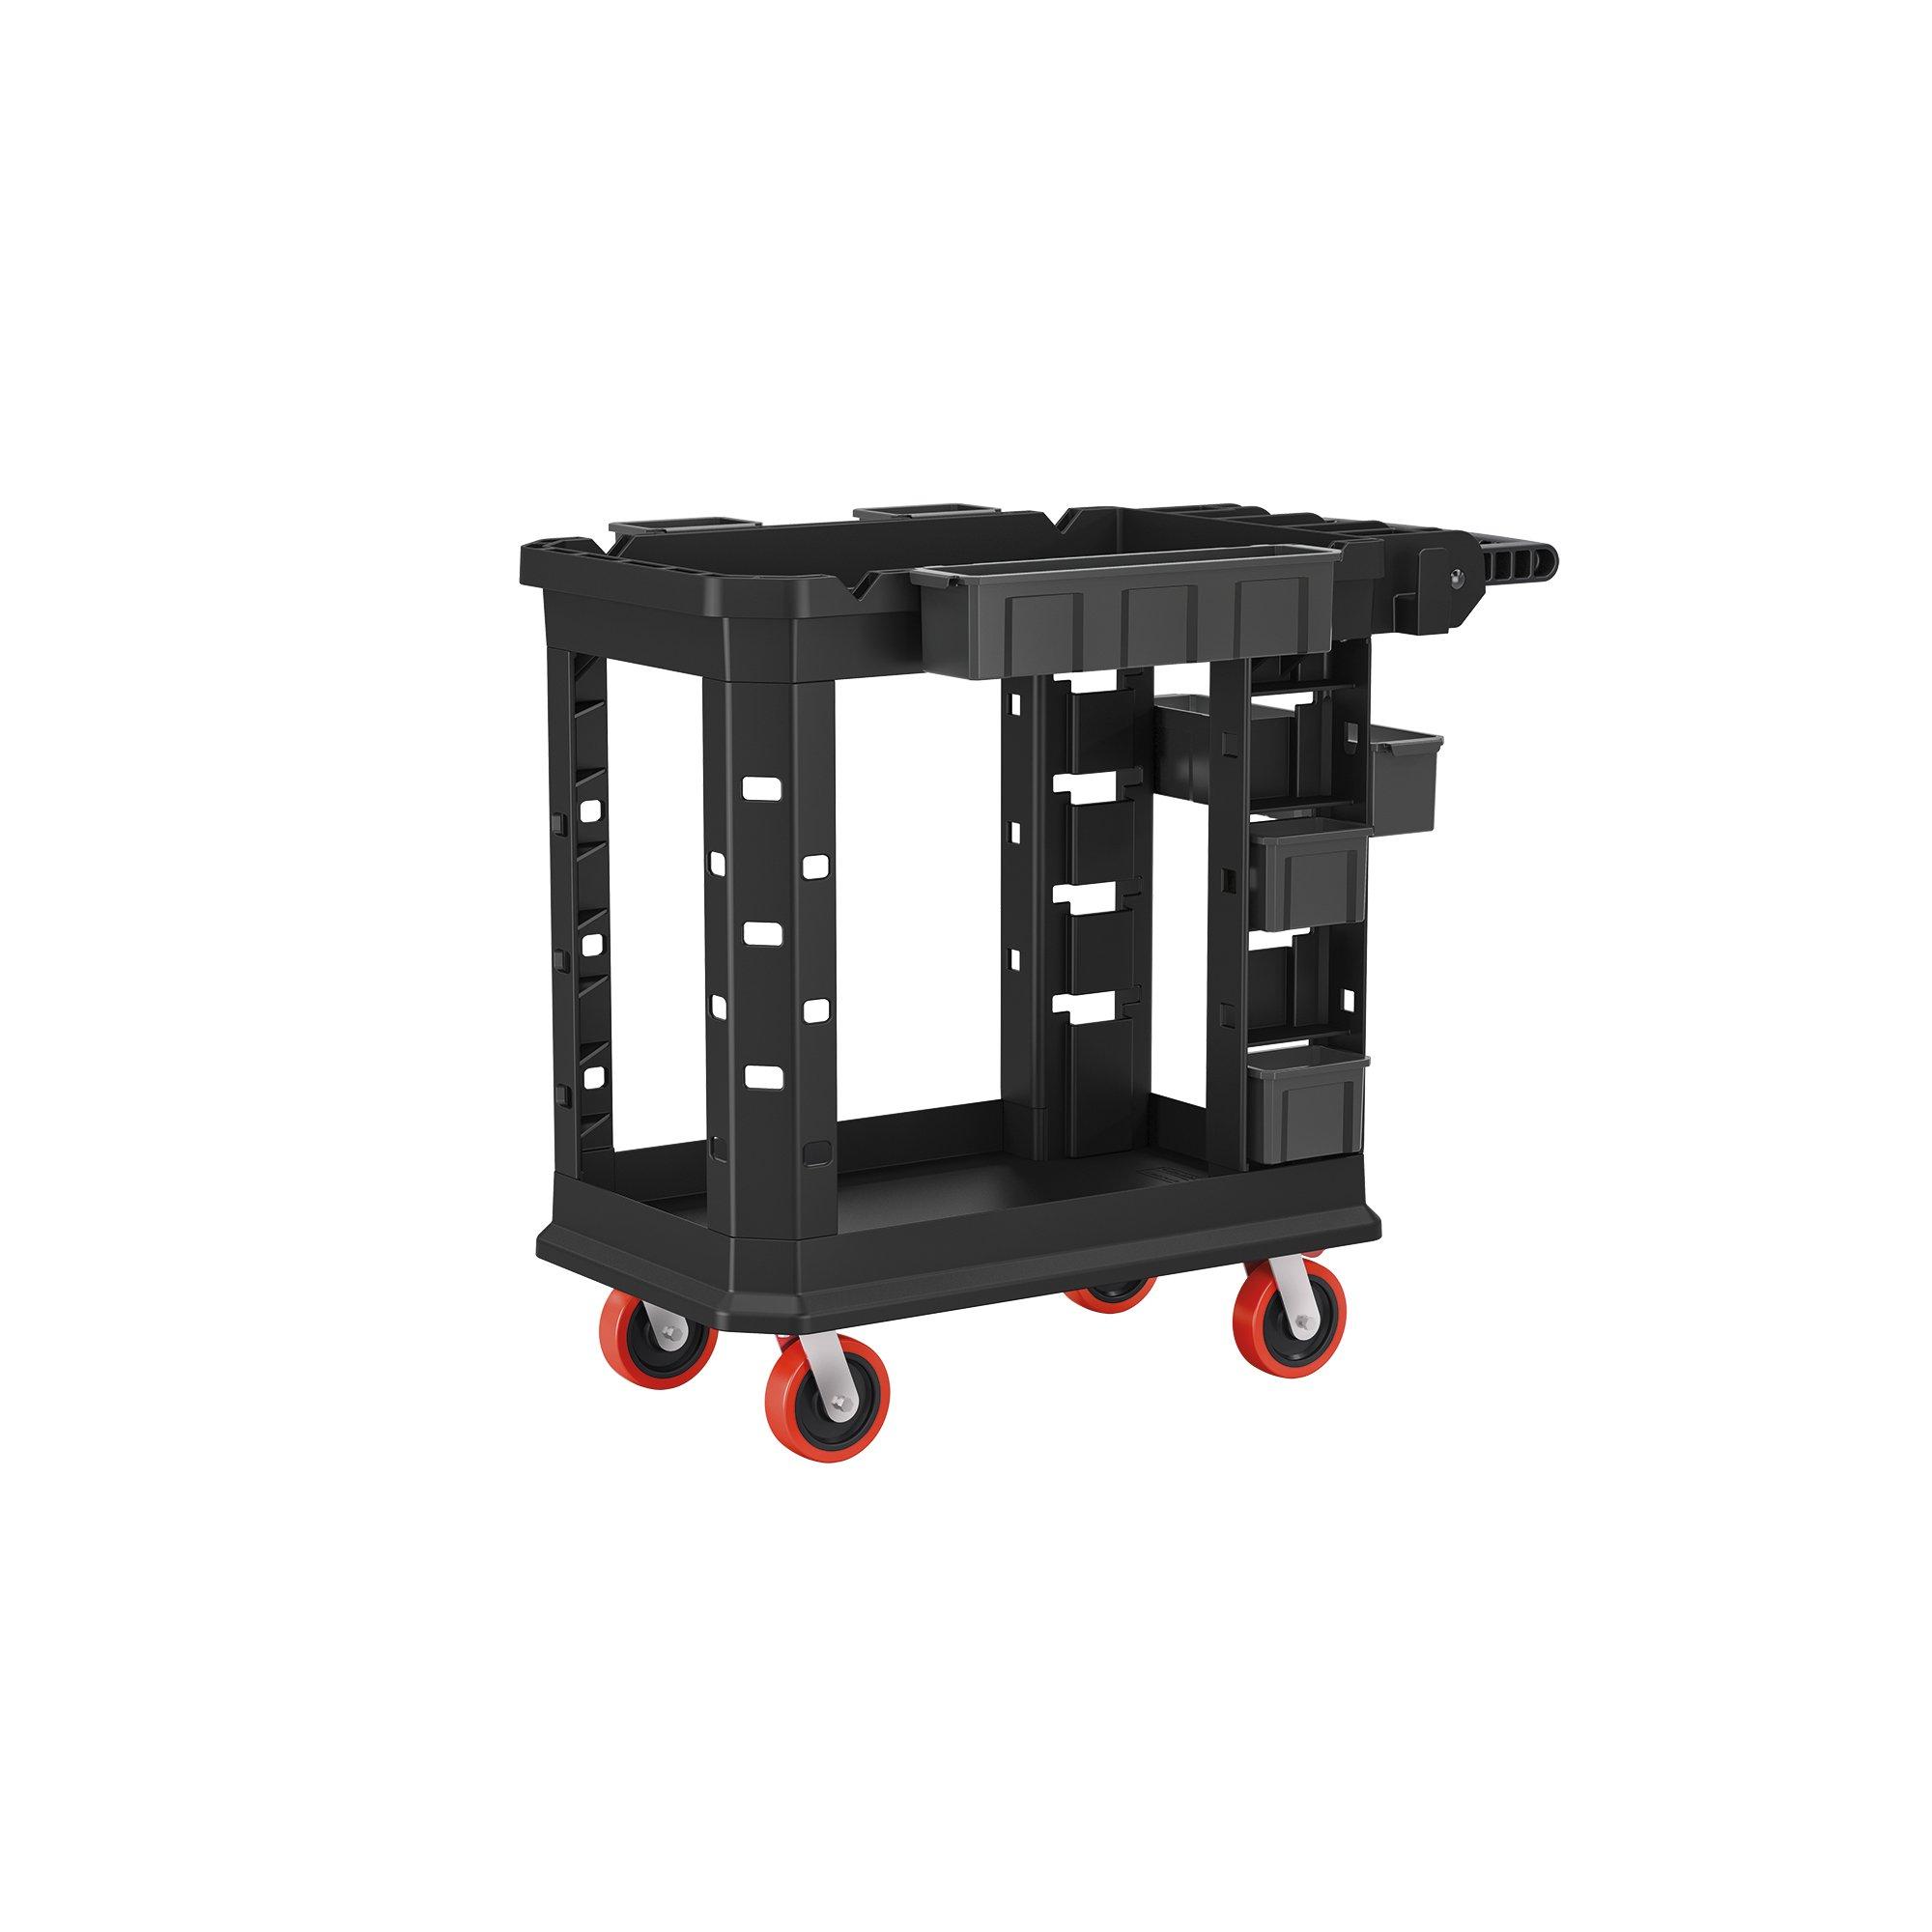 Suncast Commercial PUCHD1937 Utility Cart, Heavy Duty Plus 19 x 37, 500 Pounds Load Capacity, black by Suncast Commercial (Image #1)